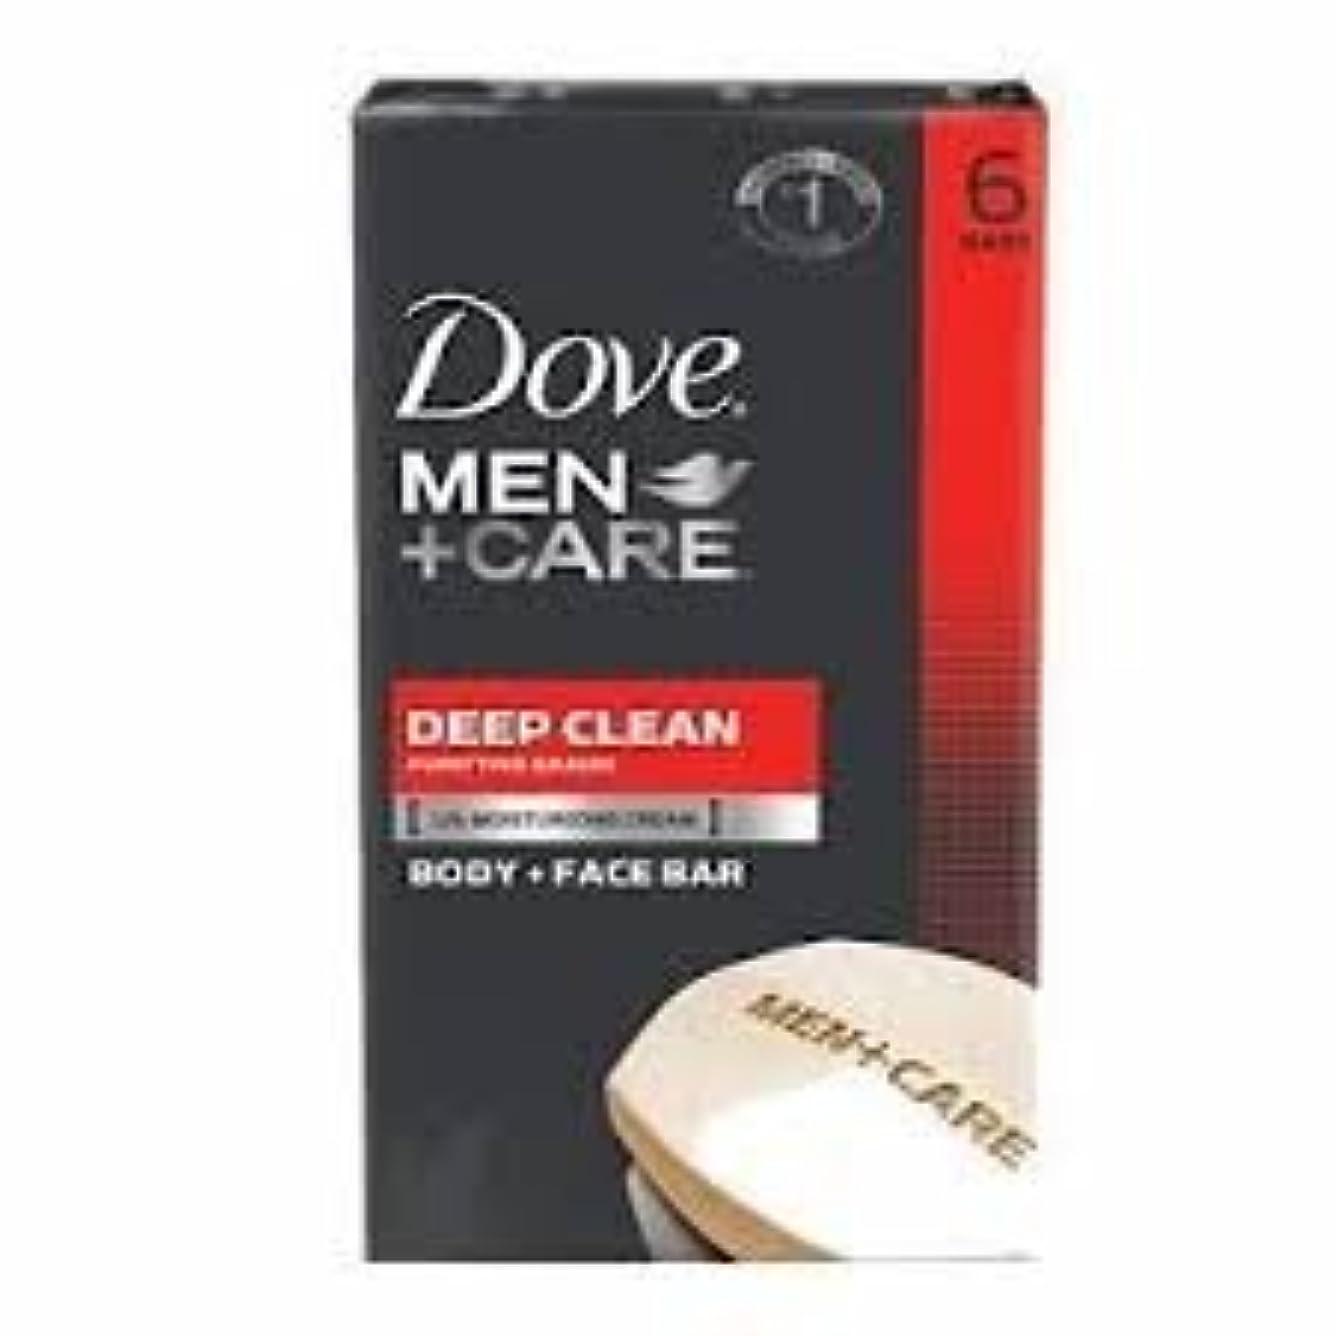 家事静める完全に乾くDove Men + Care Body and Face Bar, Deep Clean 4oz x 6Bars ダブ メン プラスケア ディープ クリーン ソープ 4oz x 6個